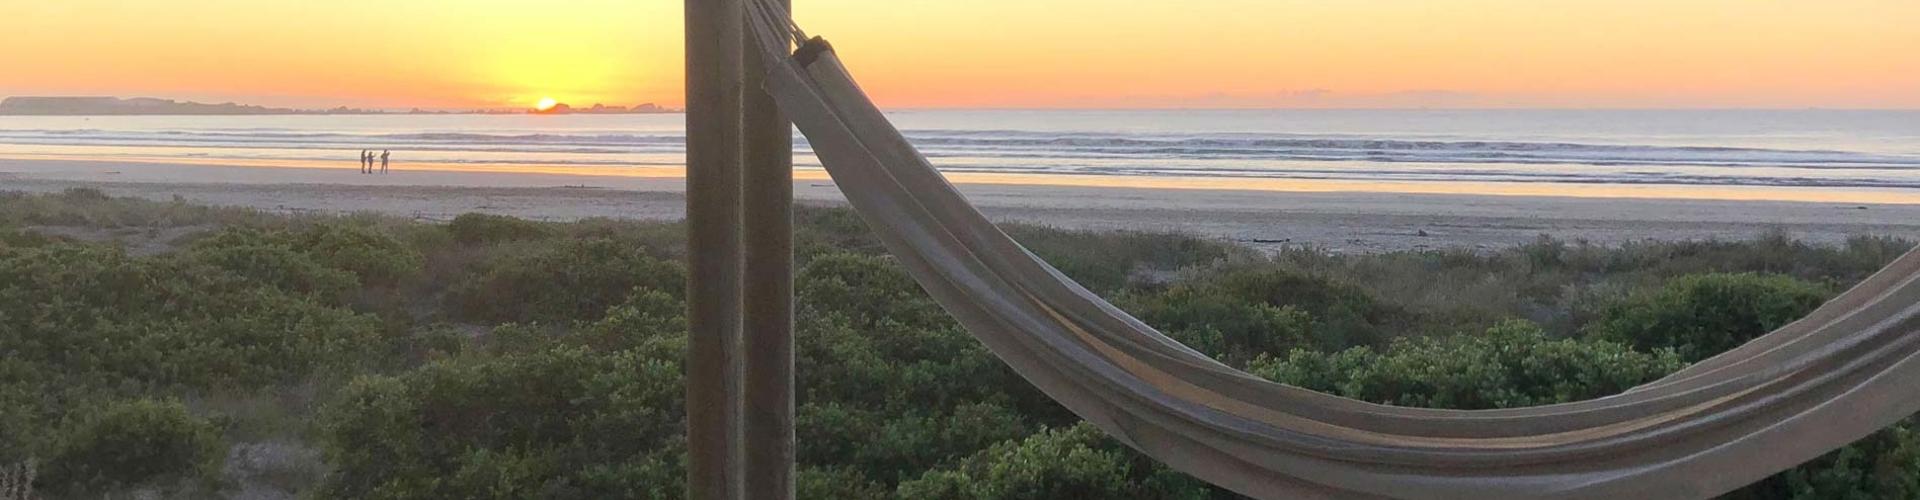 header-paternoster-beach-west-coast-zuid-afrika.jpg